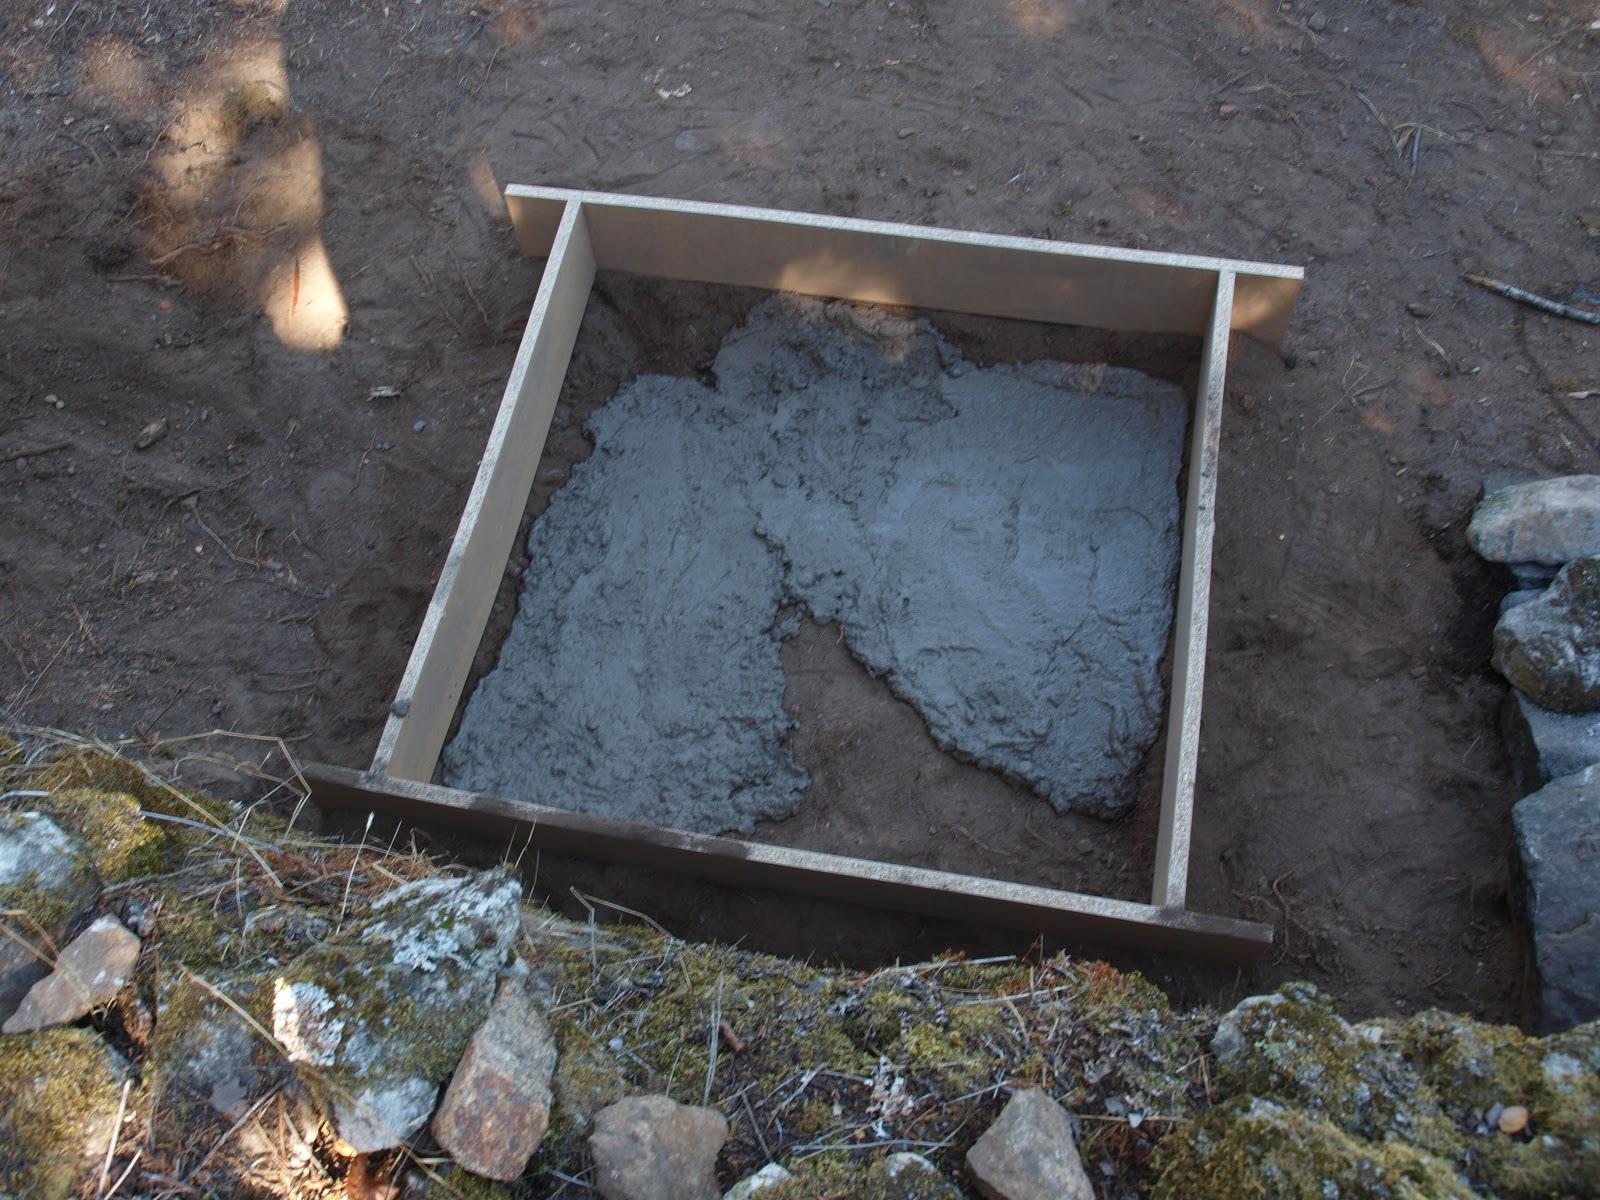 El resultado de mi imaginaci n suelo de hormig n - Como hacer un suelo de hormigon ...